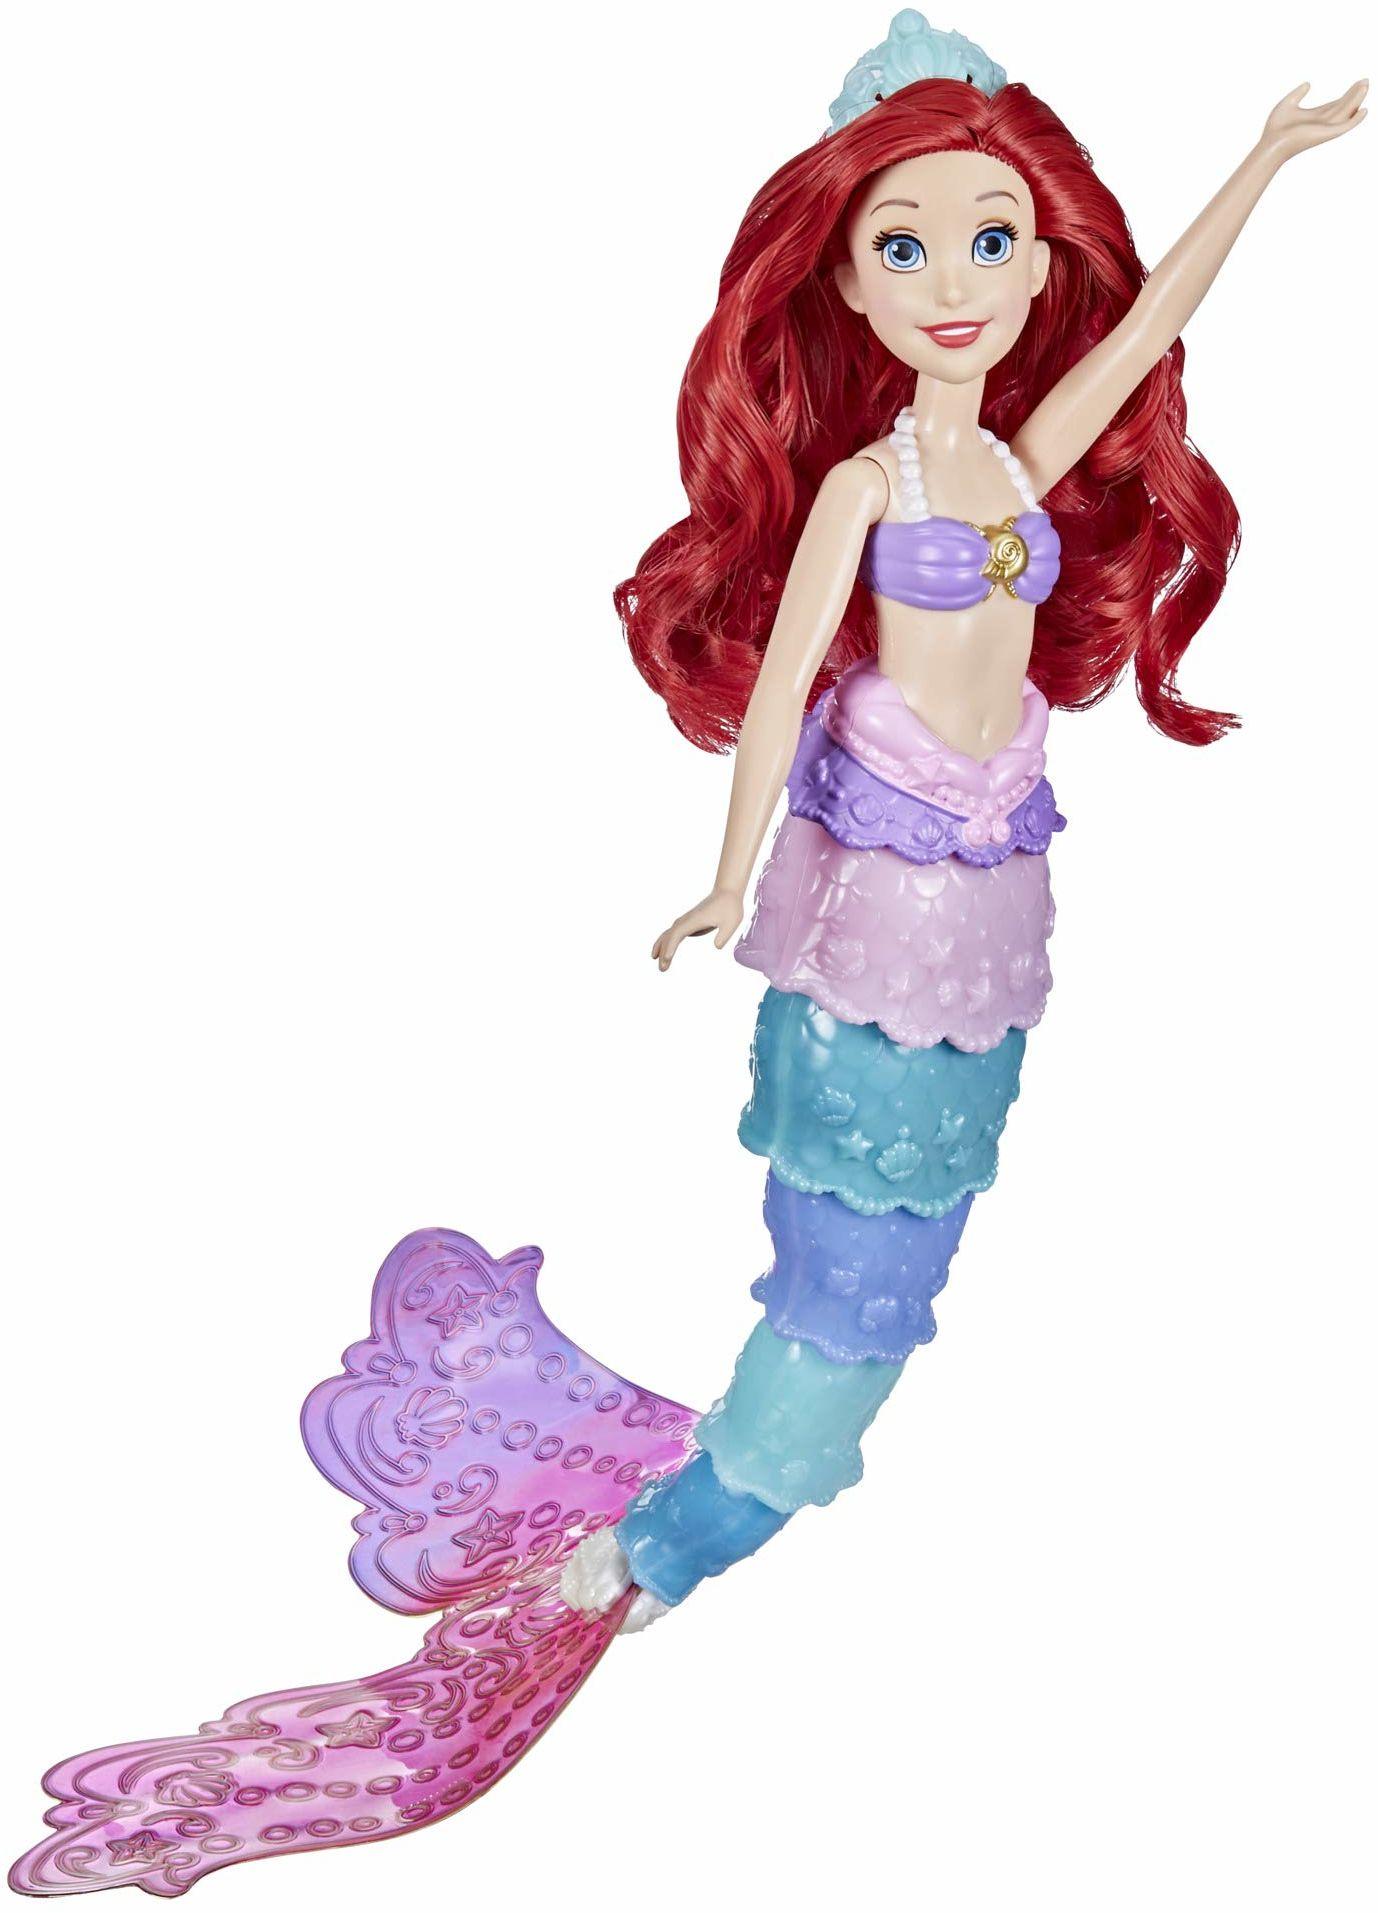 Disney Princess Księżniczka Disneya Tęczowa przemiana Ariel, zmieniająca kolor lalka, wodna zabawka inspirowana filmem Disneya Mała Syrenka, dla dziewczynek w wieku od 3 lat